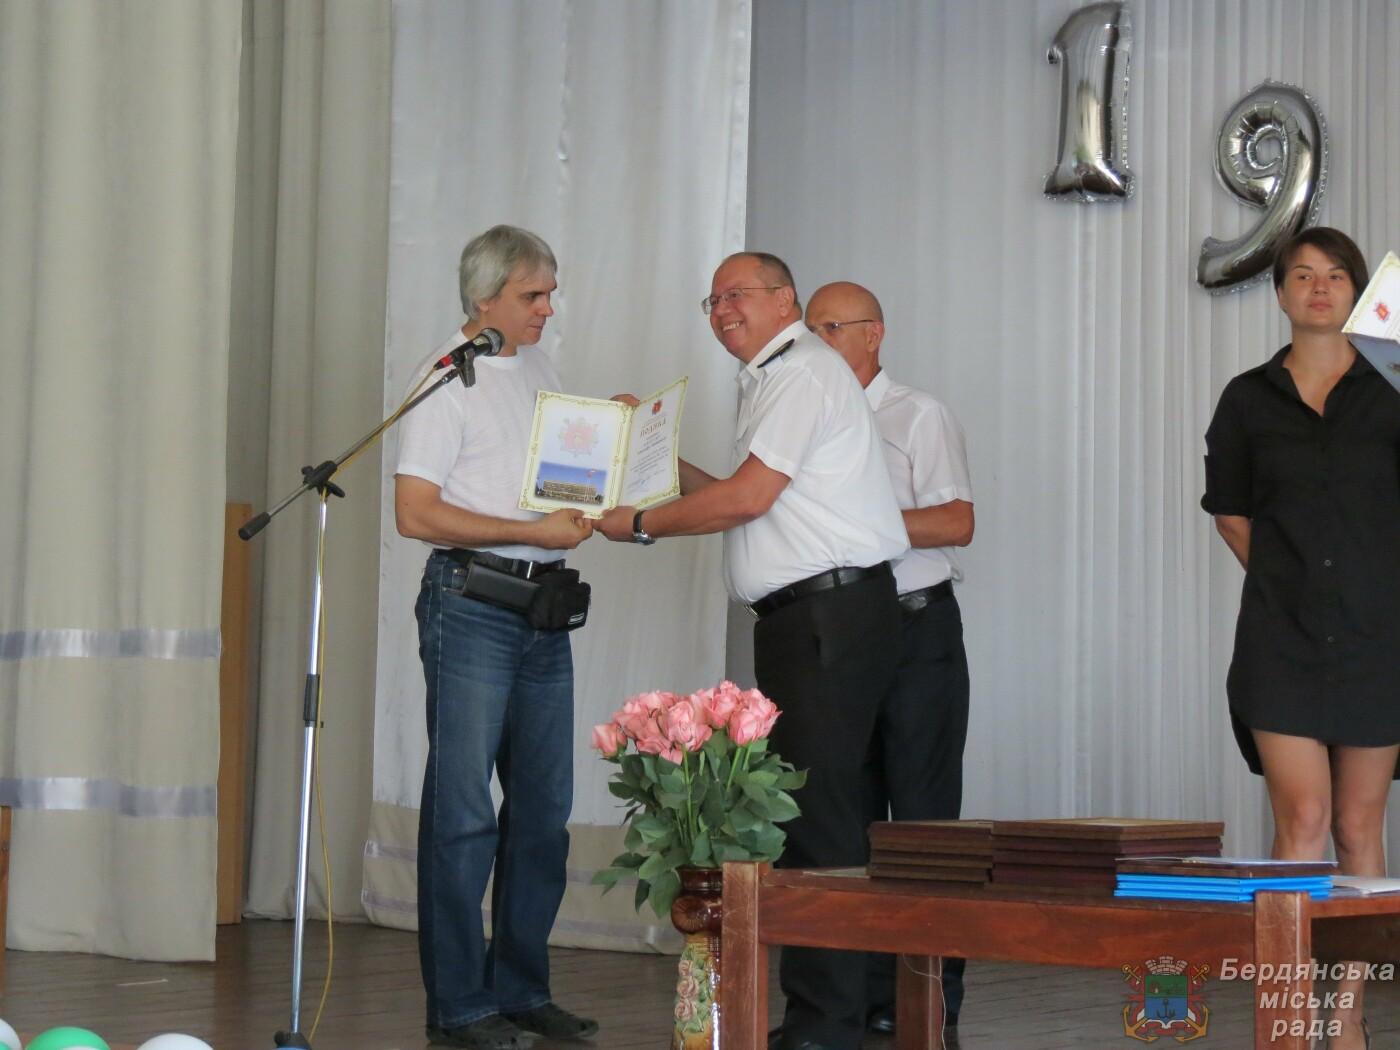 Работники Бердянского порта отмечают свой профессиональный праздник и 190 лет предприятию, фото-11